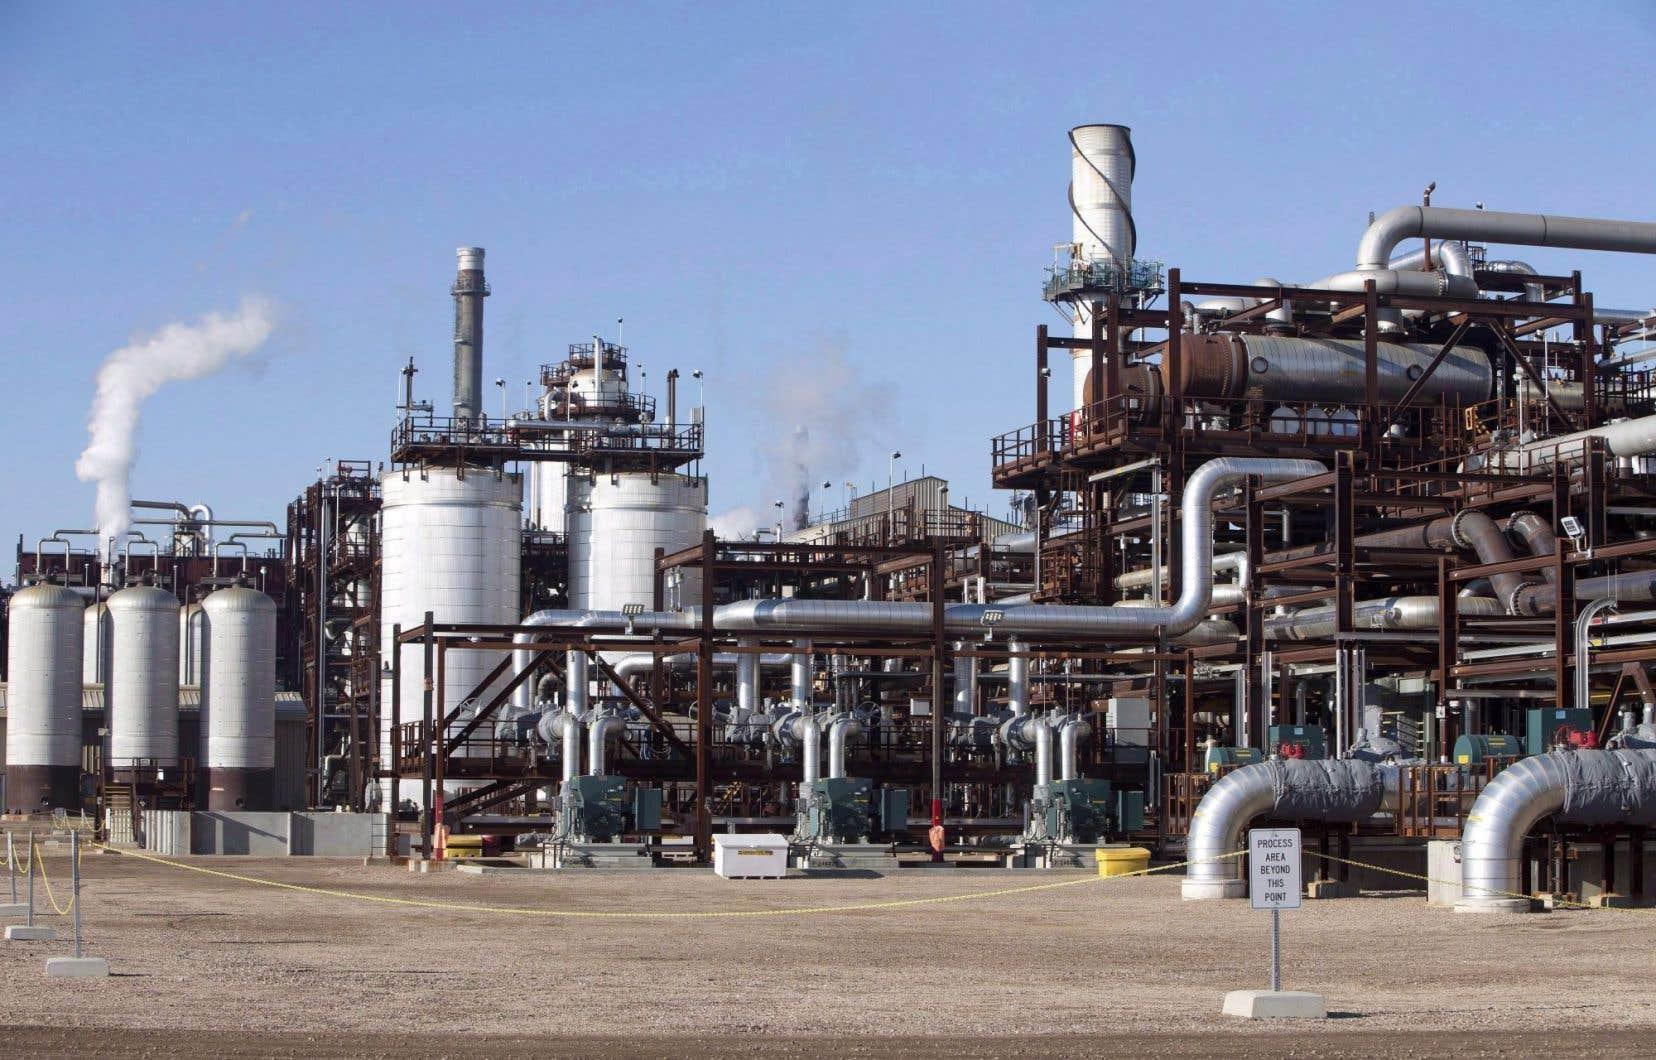 Les installations de captage et de stockage du carbone de Shell, à Fort Saskatchewan, en Alberta